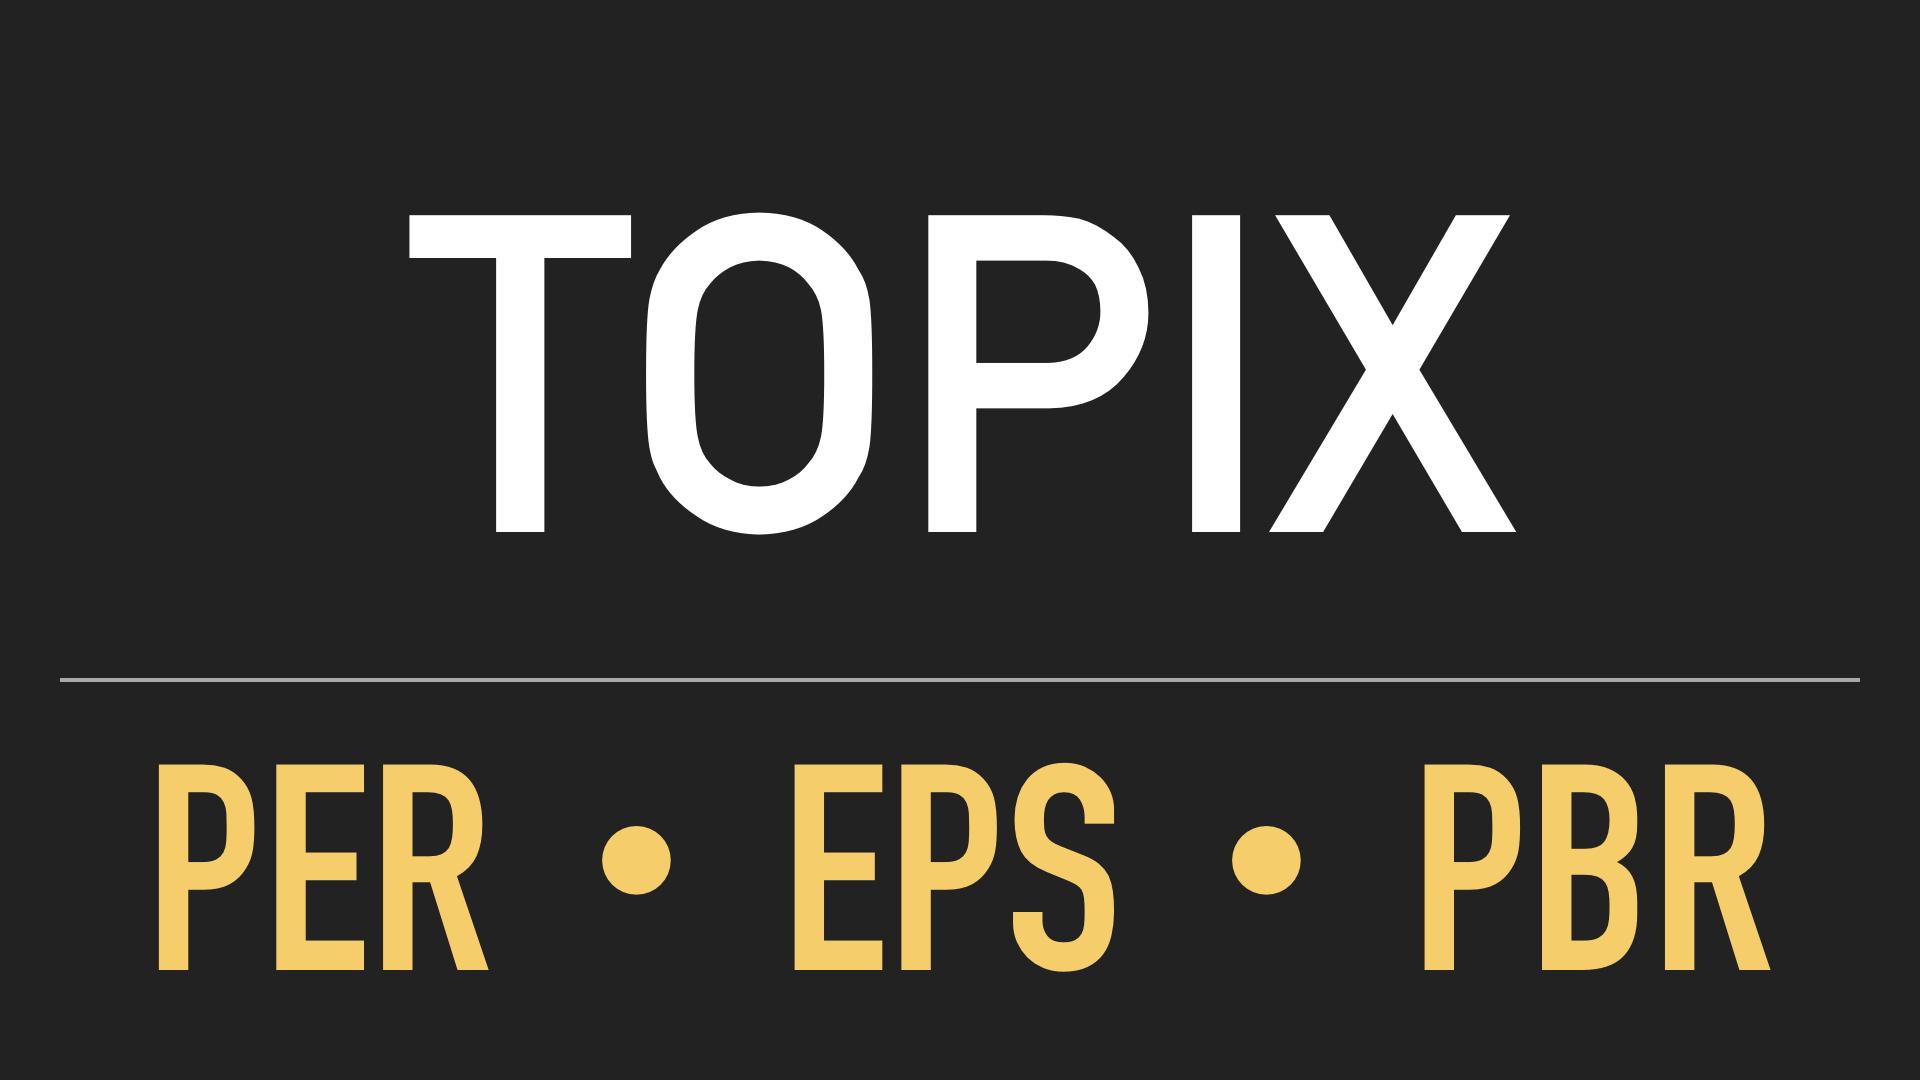 TOPIXのEPS・PER・PBR